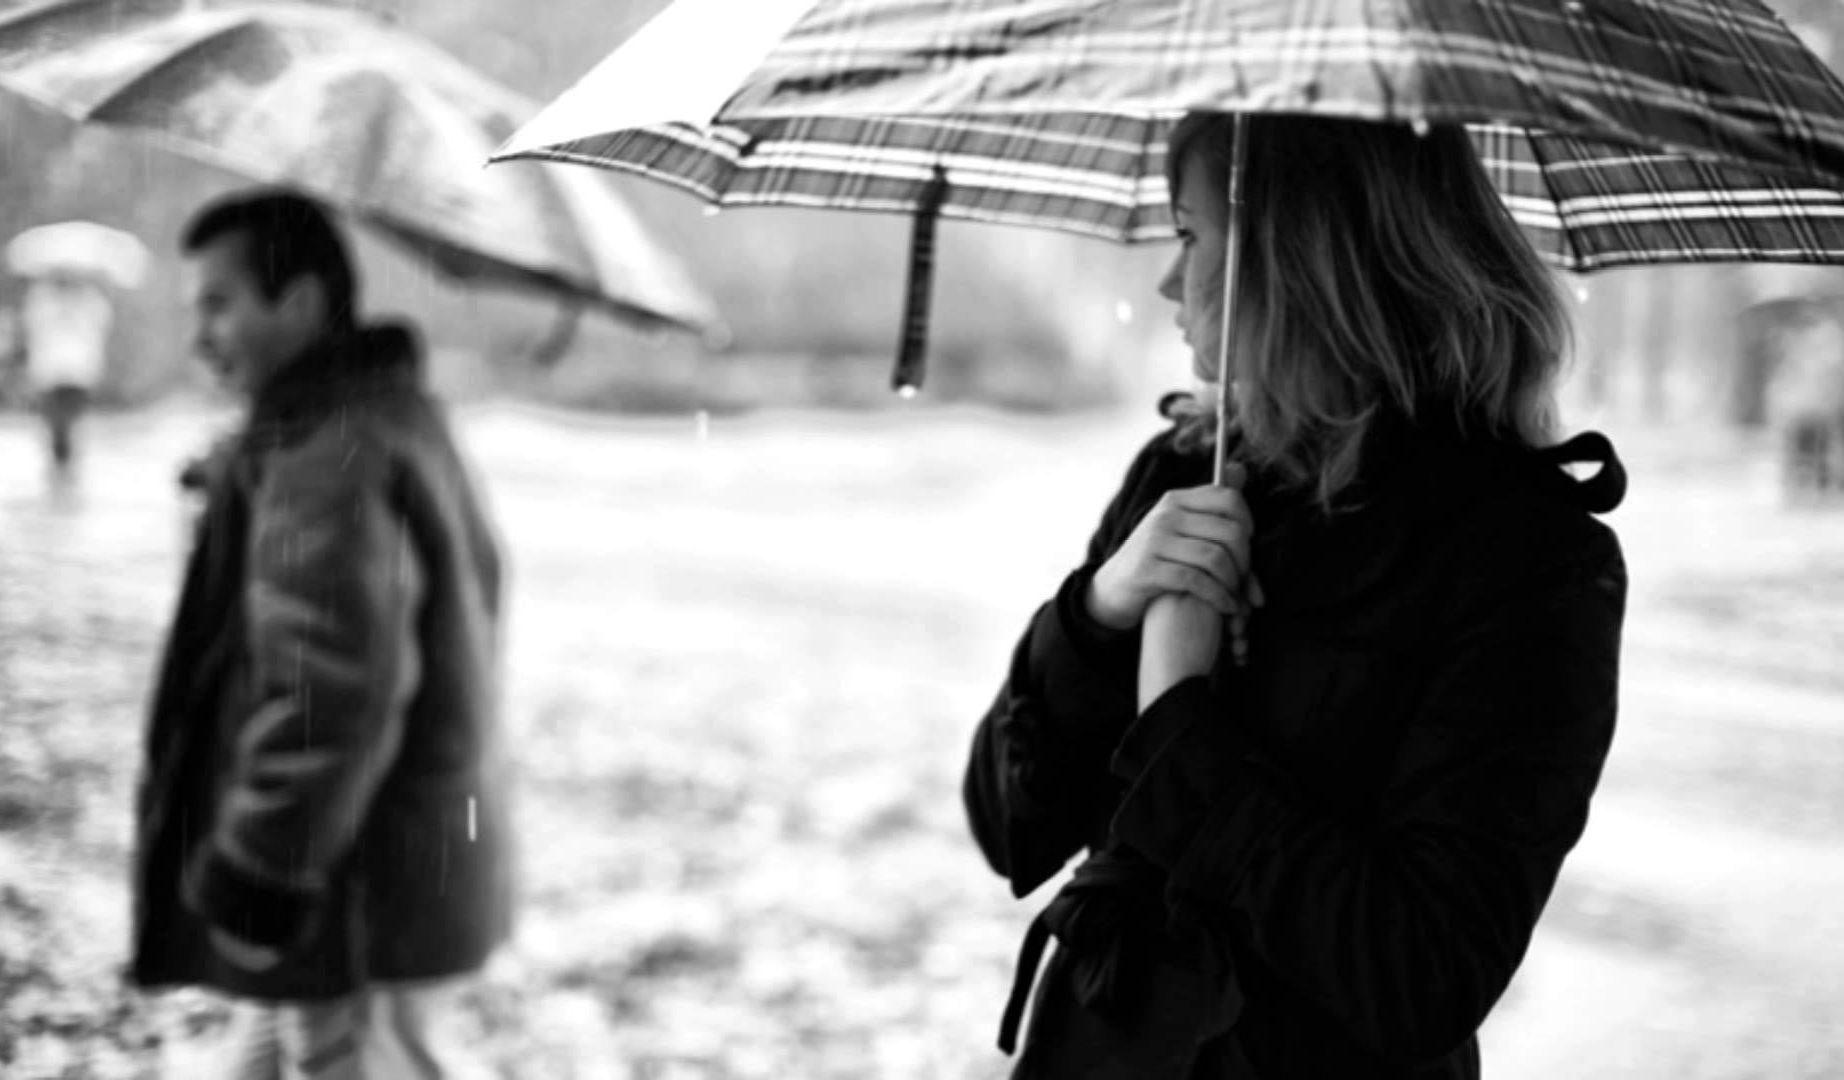 Как избавиться от безответной или неразделенной любви. Кому она нужна, эта безответная неразделенная любовь